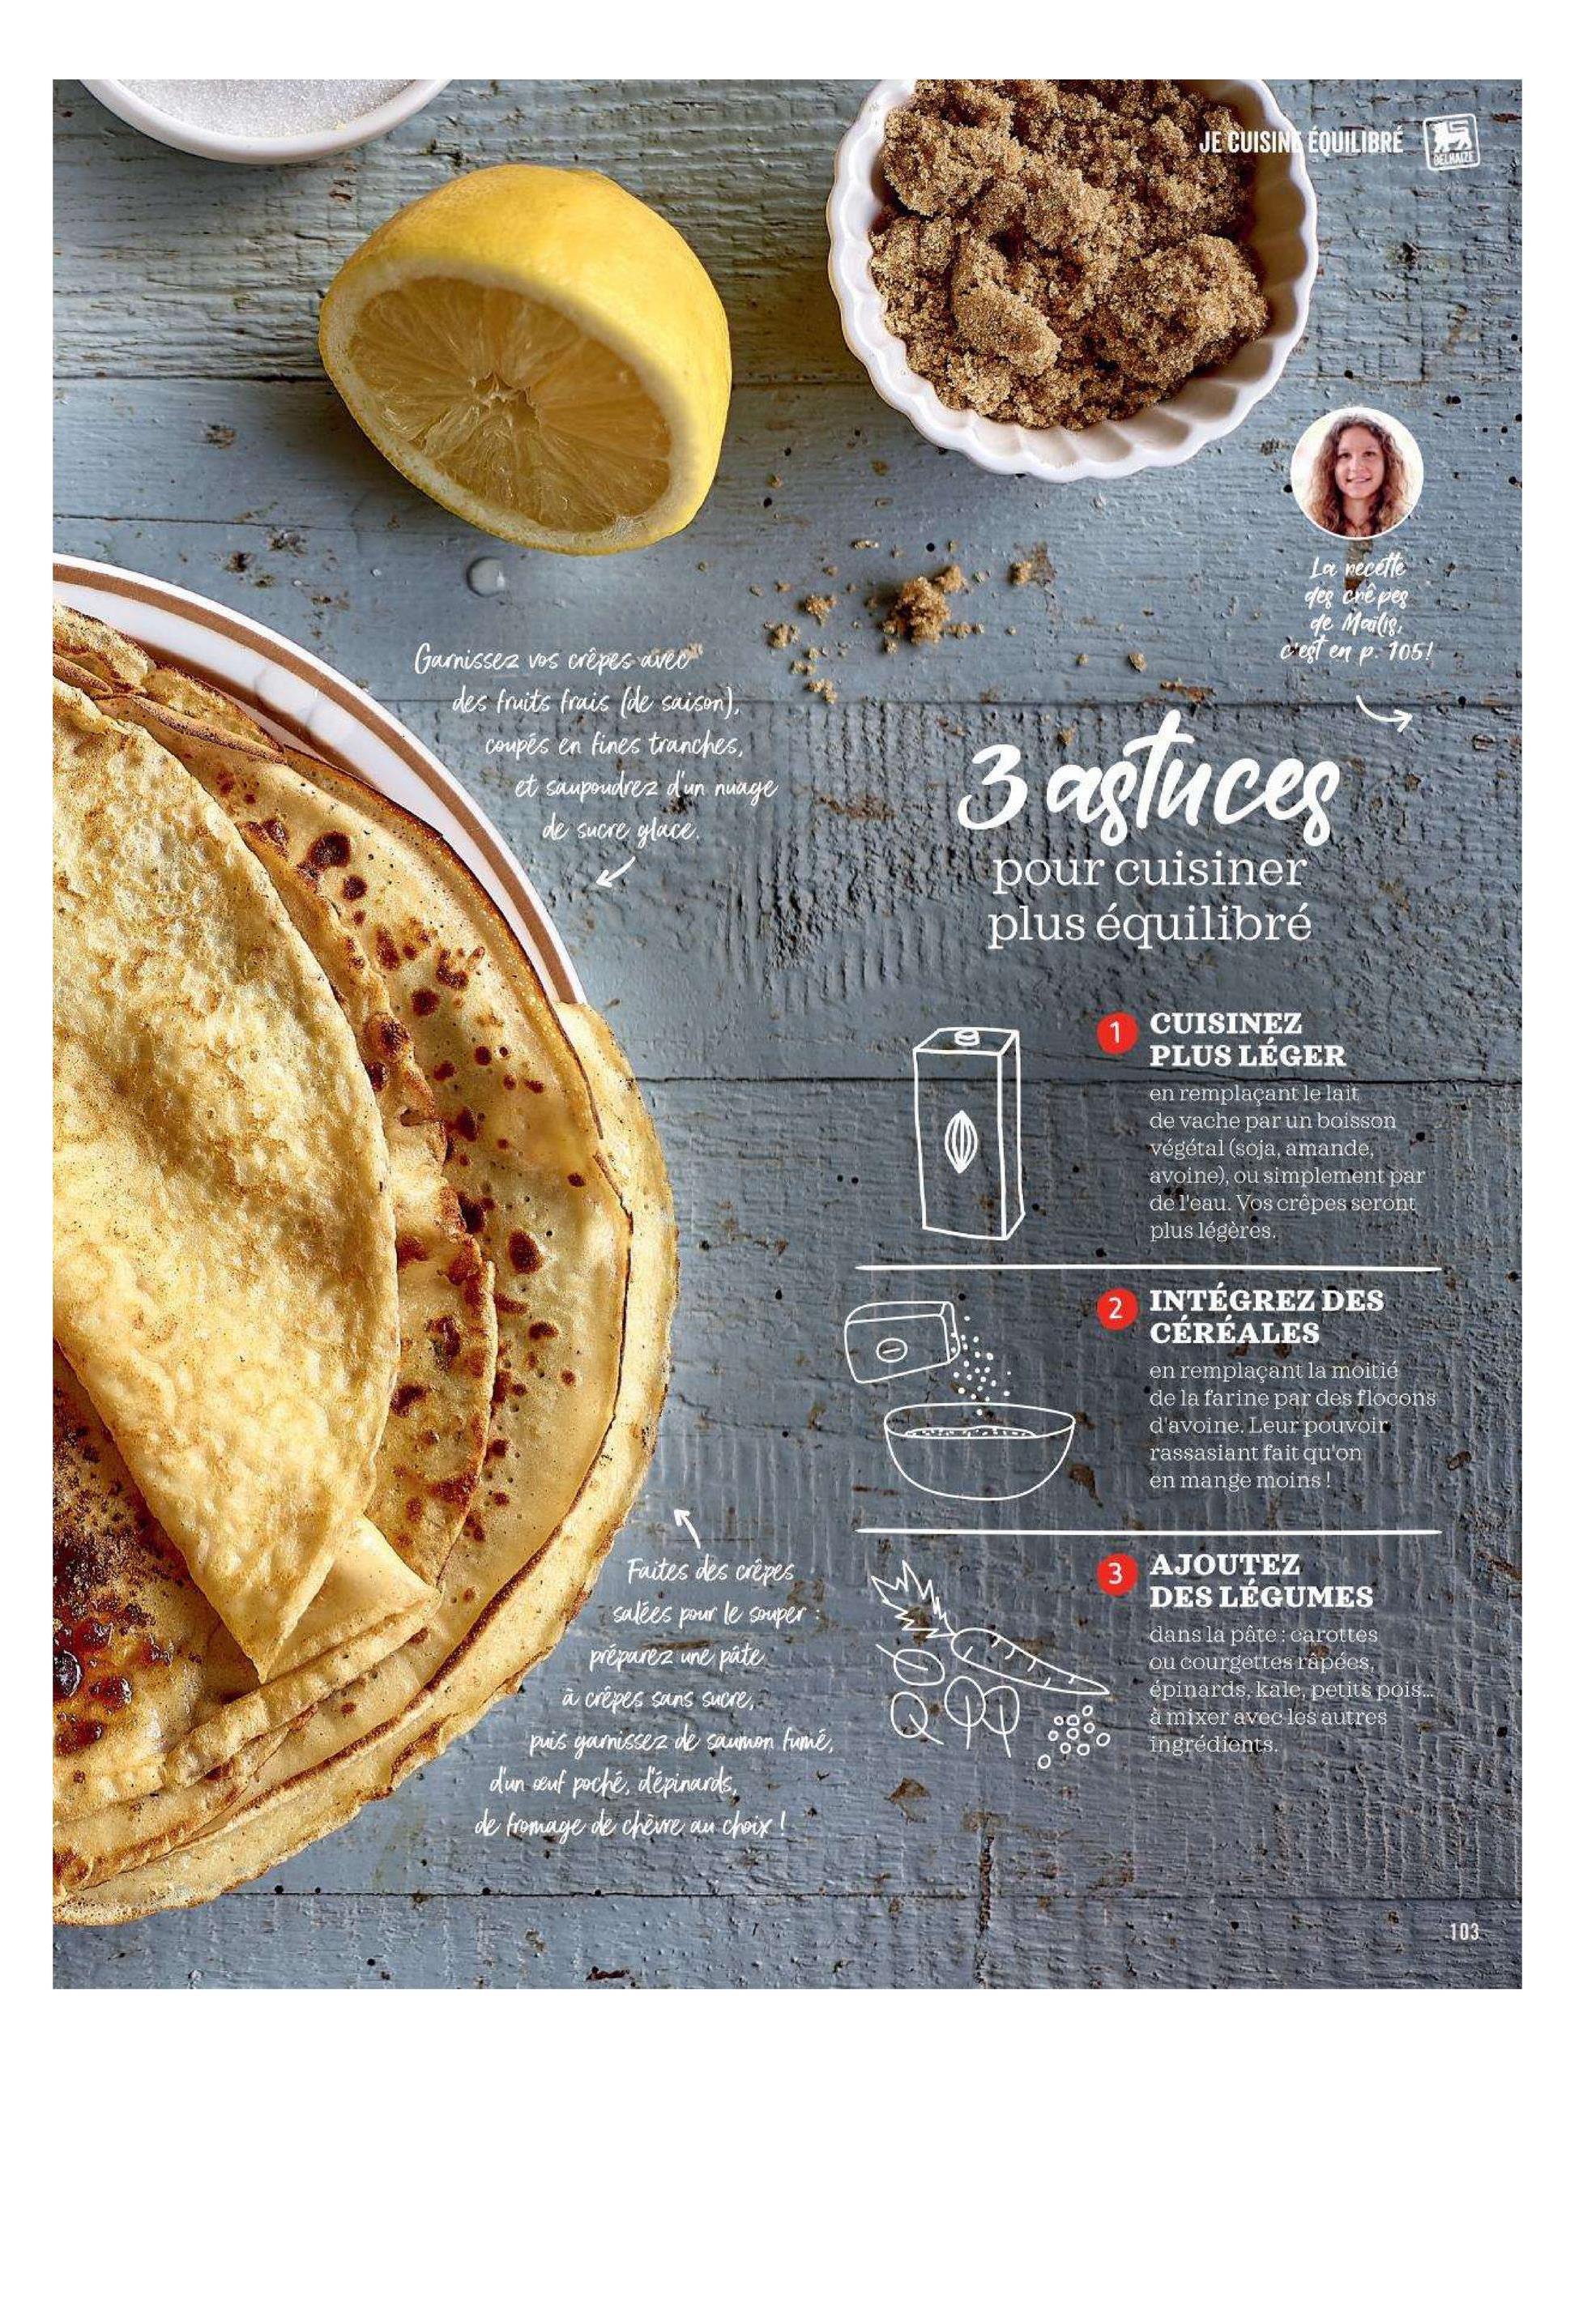 * JE CUISINE ÉQUILIBRÉ La recette des crêpes de Mailis, c'est en p. 105! Garnissez vos crêpes avec des fruits frais (de saison), coupés en fines tranches, et saupoudrez d'un nuage 3 agluces de sucre glace. S i pour cuisiner plus équilibré CUISINEZ PLUS LEGER en remplaçant le laitos de vache par un boisson végétal (soja, amande, avoine), ou simplement par de l'eau. Vos crêpes seront plus légères. 2 INTÉGREZ DES CÉRÉALES en remplaçant la moitié de la farine par des flocons d'avoine. Leur pouvoir rassasiant fait qu'on en mange moins ! Faites des crêpes salées pour le souper : préparez une pâte à crêpes sans sucre, puis gamissez de saumon fumé, dun seuf poché, dépinards, de fromage de cherre au choix ! 3 AJOUTEZ DES LÉGUMES dans la pâte: carottes ou courgettes râpées, épinards, kale, petits pois... à mixer avec les autres ingrédients.